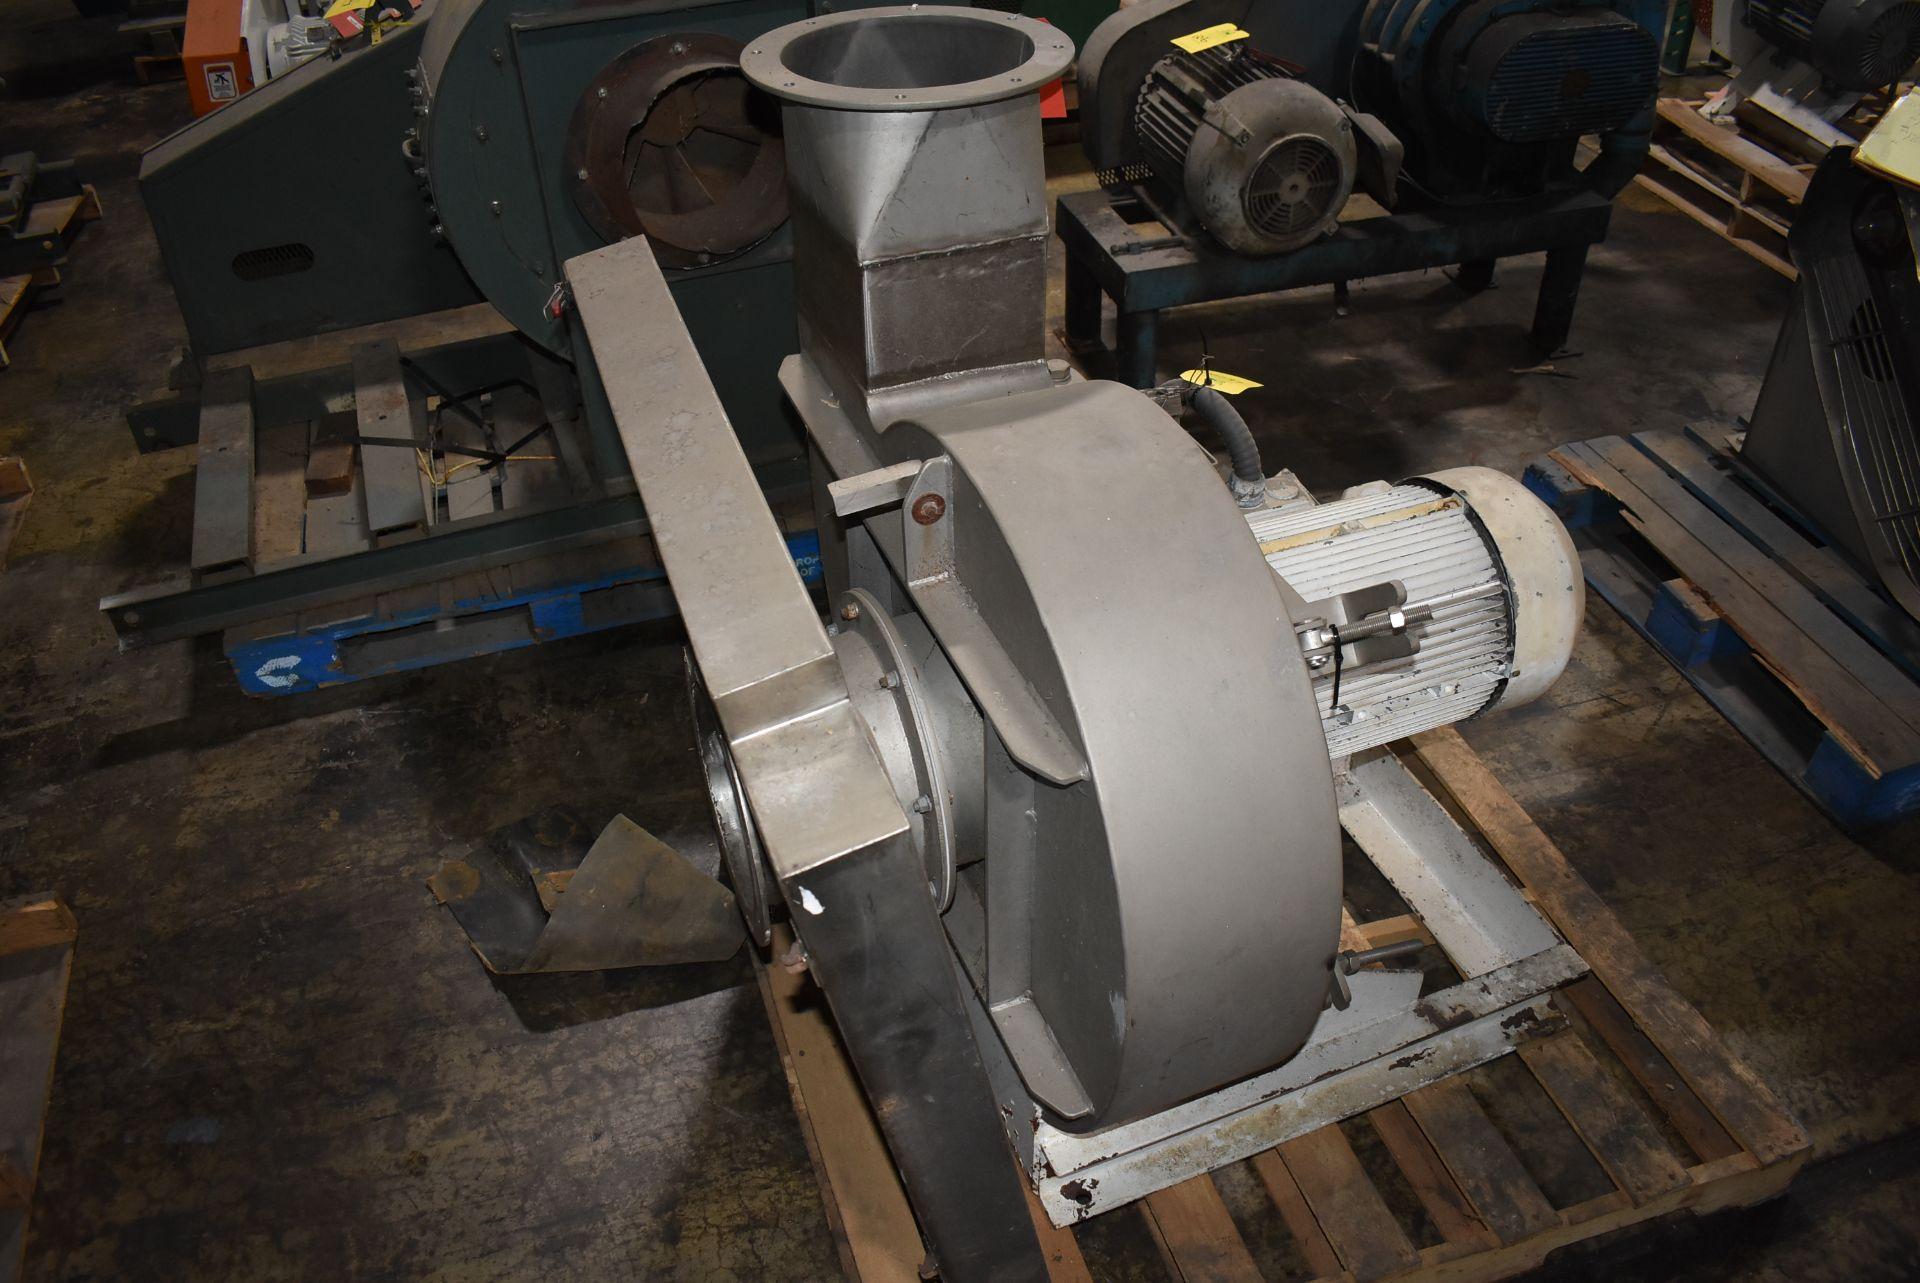 Fan Type RVM/S Blower w/Siemens 10 HP Motor, Stainless Steel Chute - Image 3 of 3